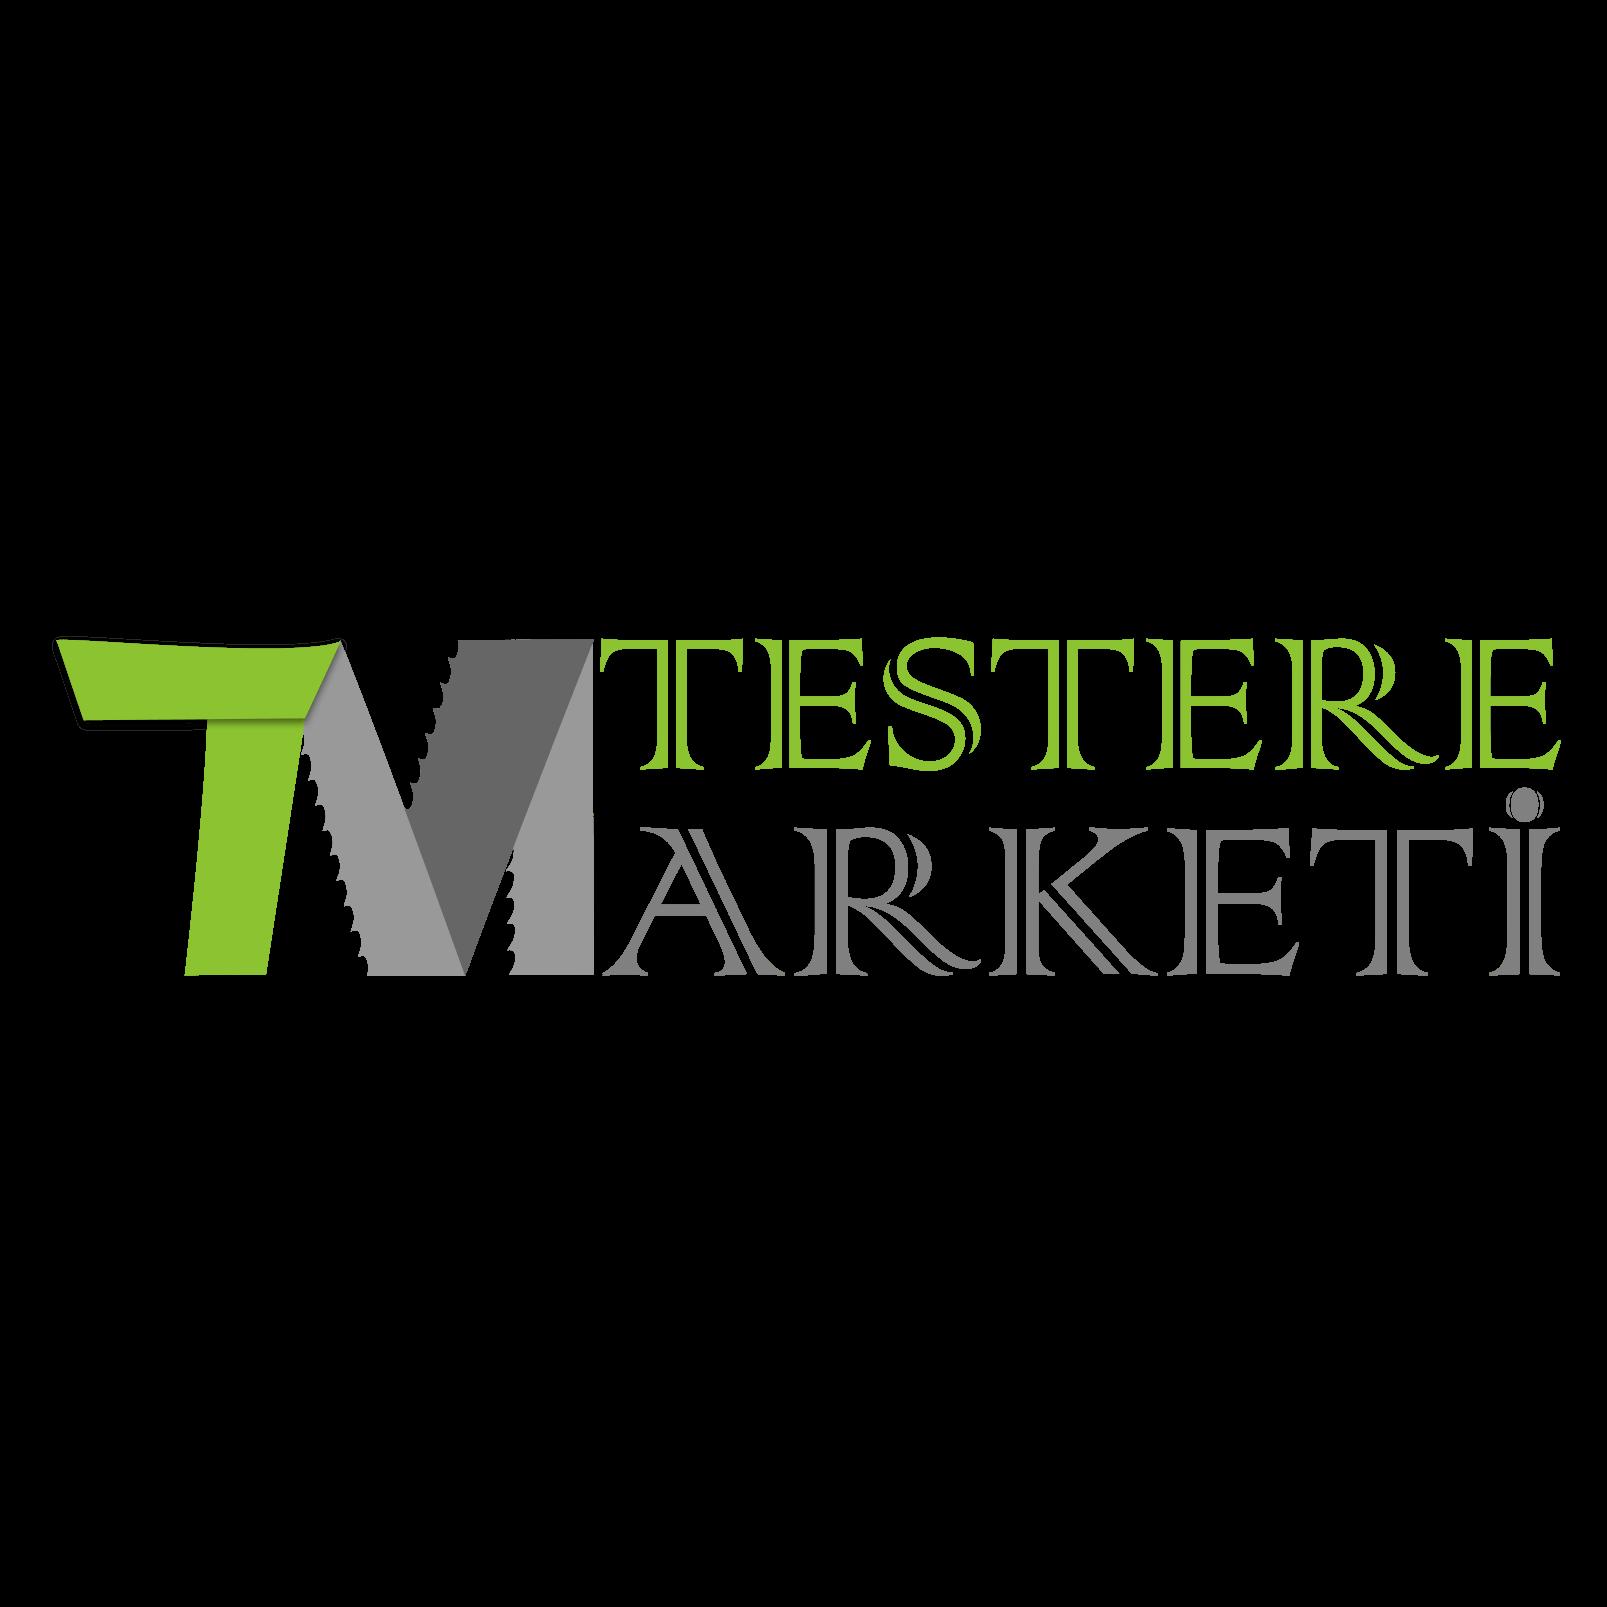 Testere Marketi